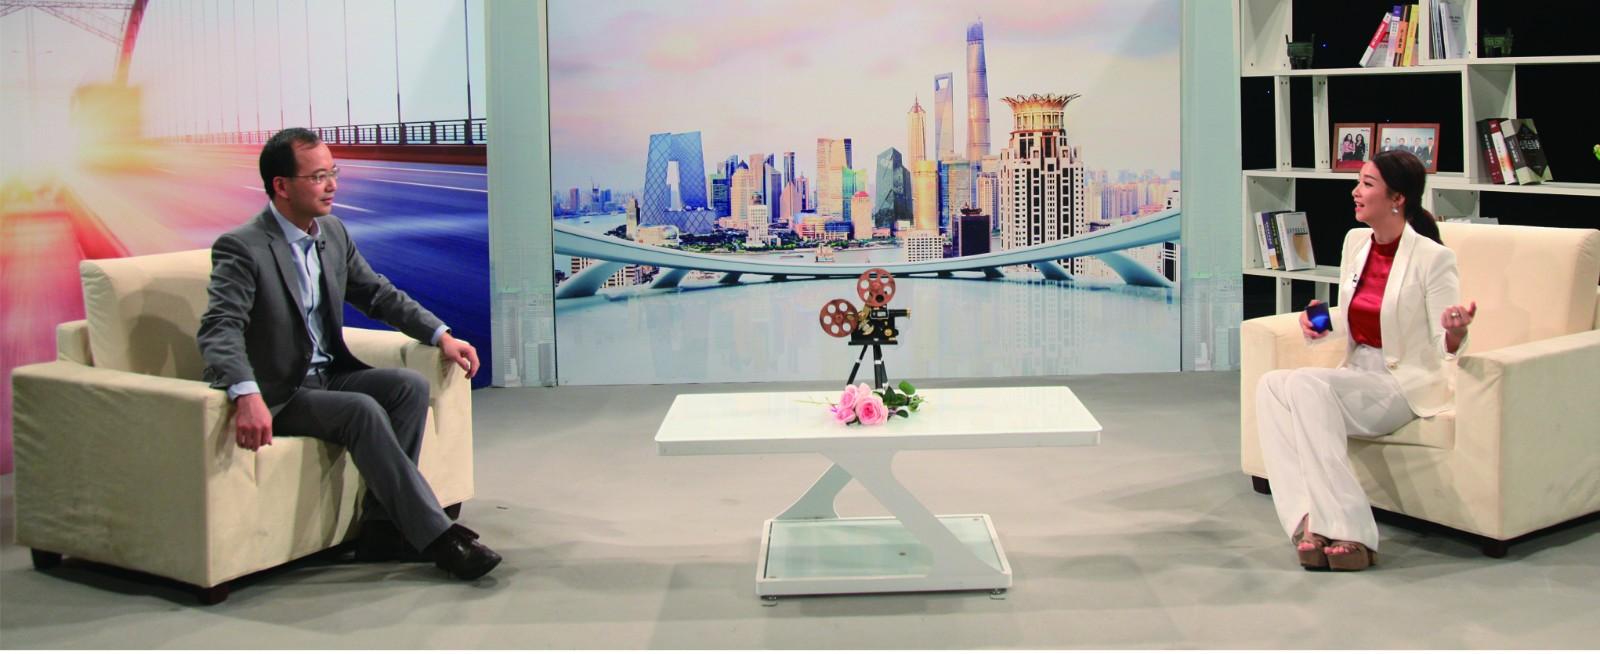 冠群驰聘投资管理(北京)有限公司